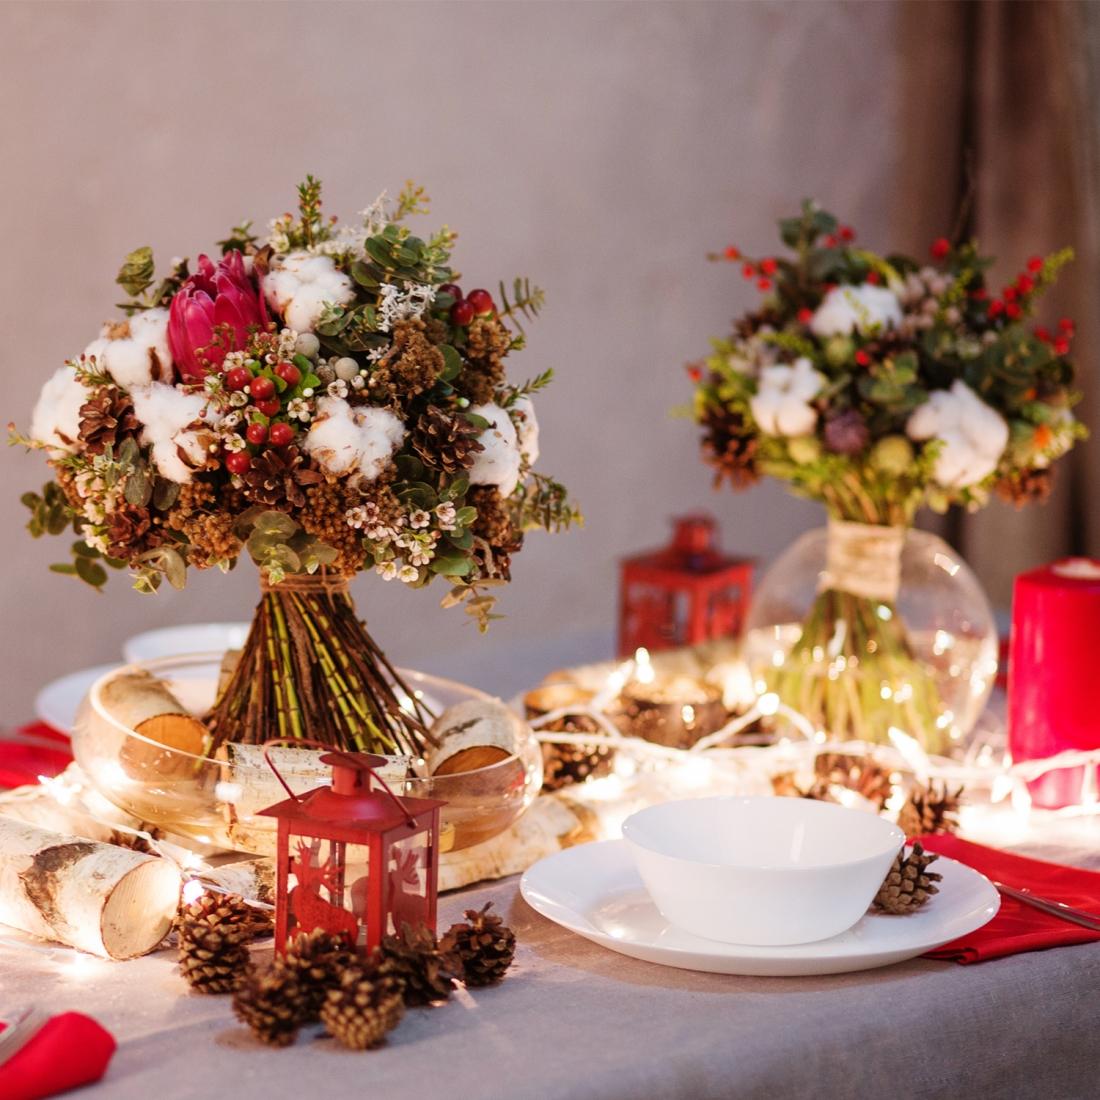 Creare Composizioni Per Natale come realizzare un centrotavola per natale